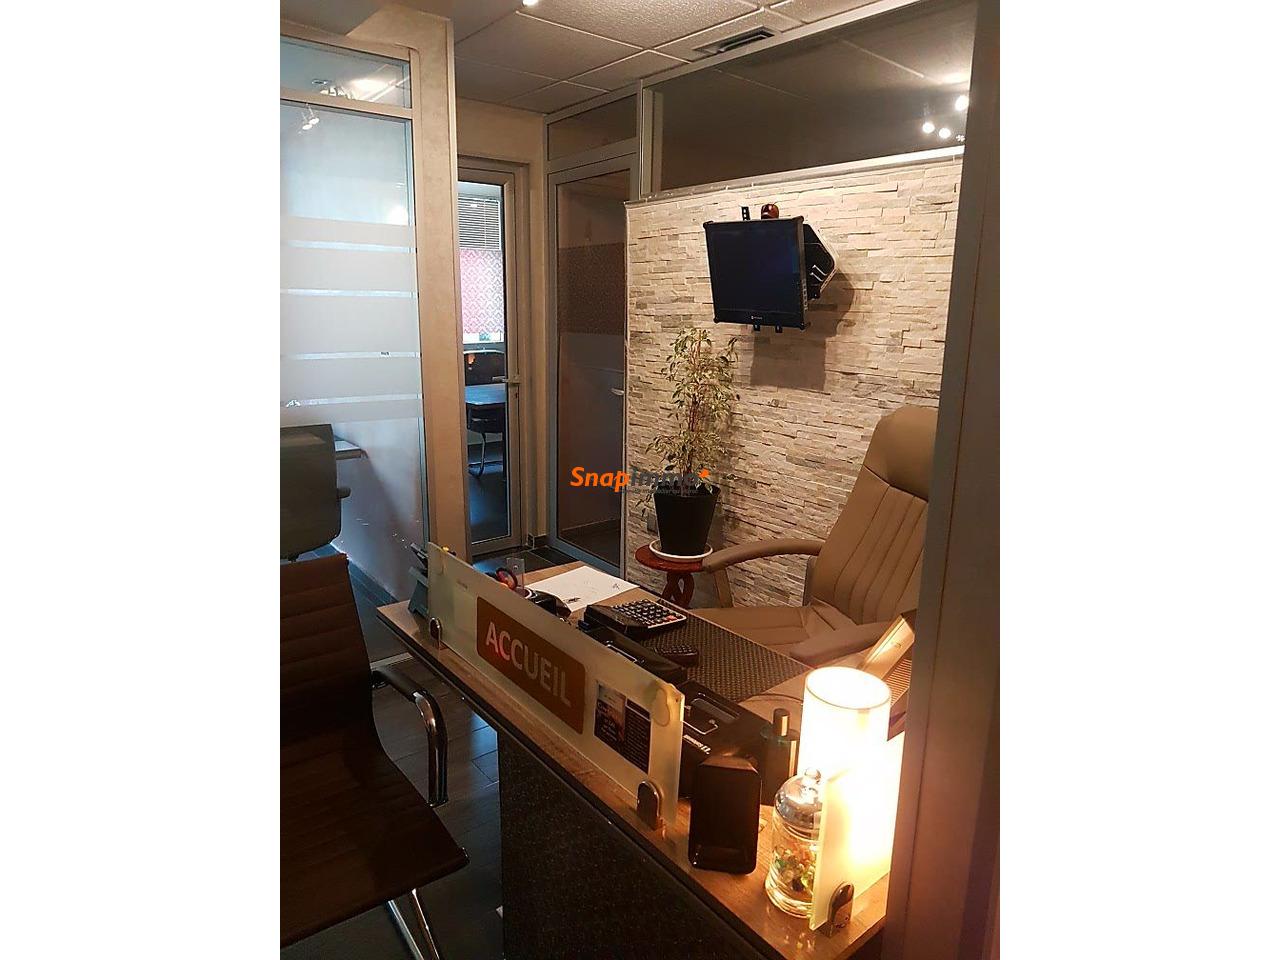 bureau premium 7 m2 meublé équipé - 4/5